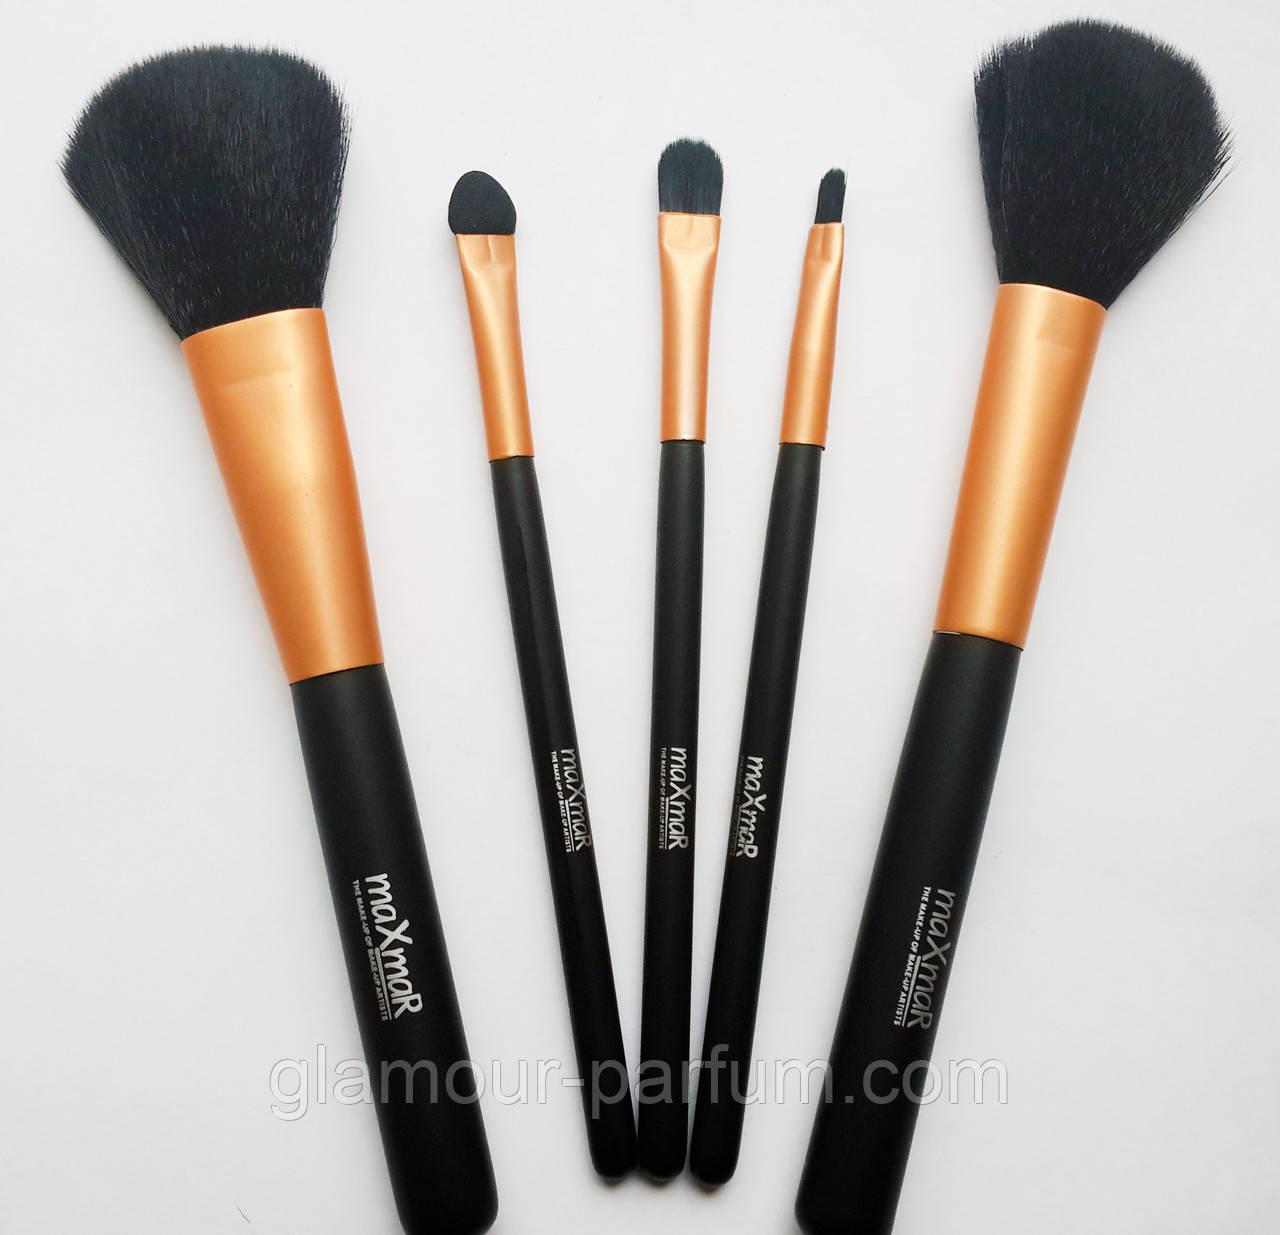 Купить Набор для макияжа 5 кисточек MaxMar Professional Brush (МаксМар Профешин Бруш)